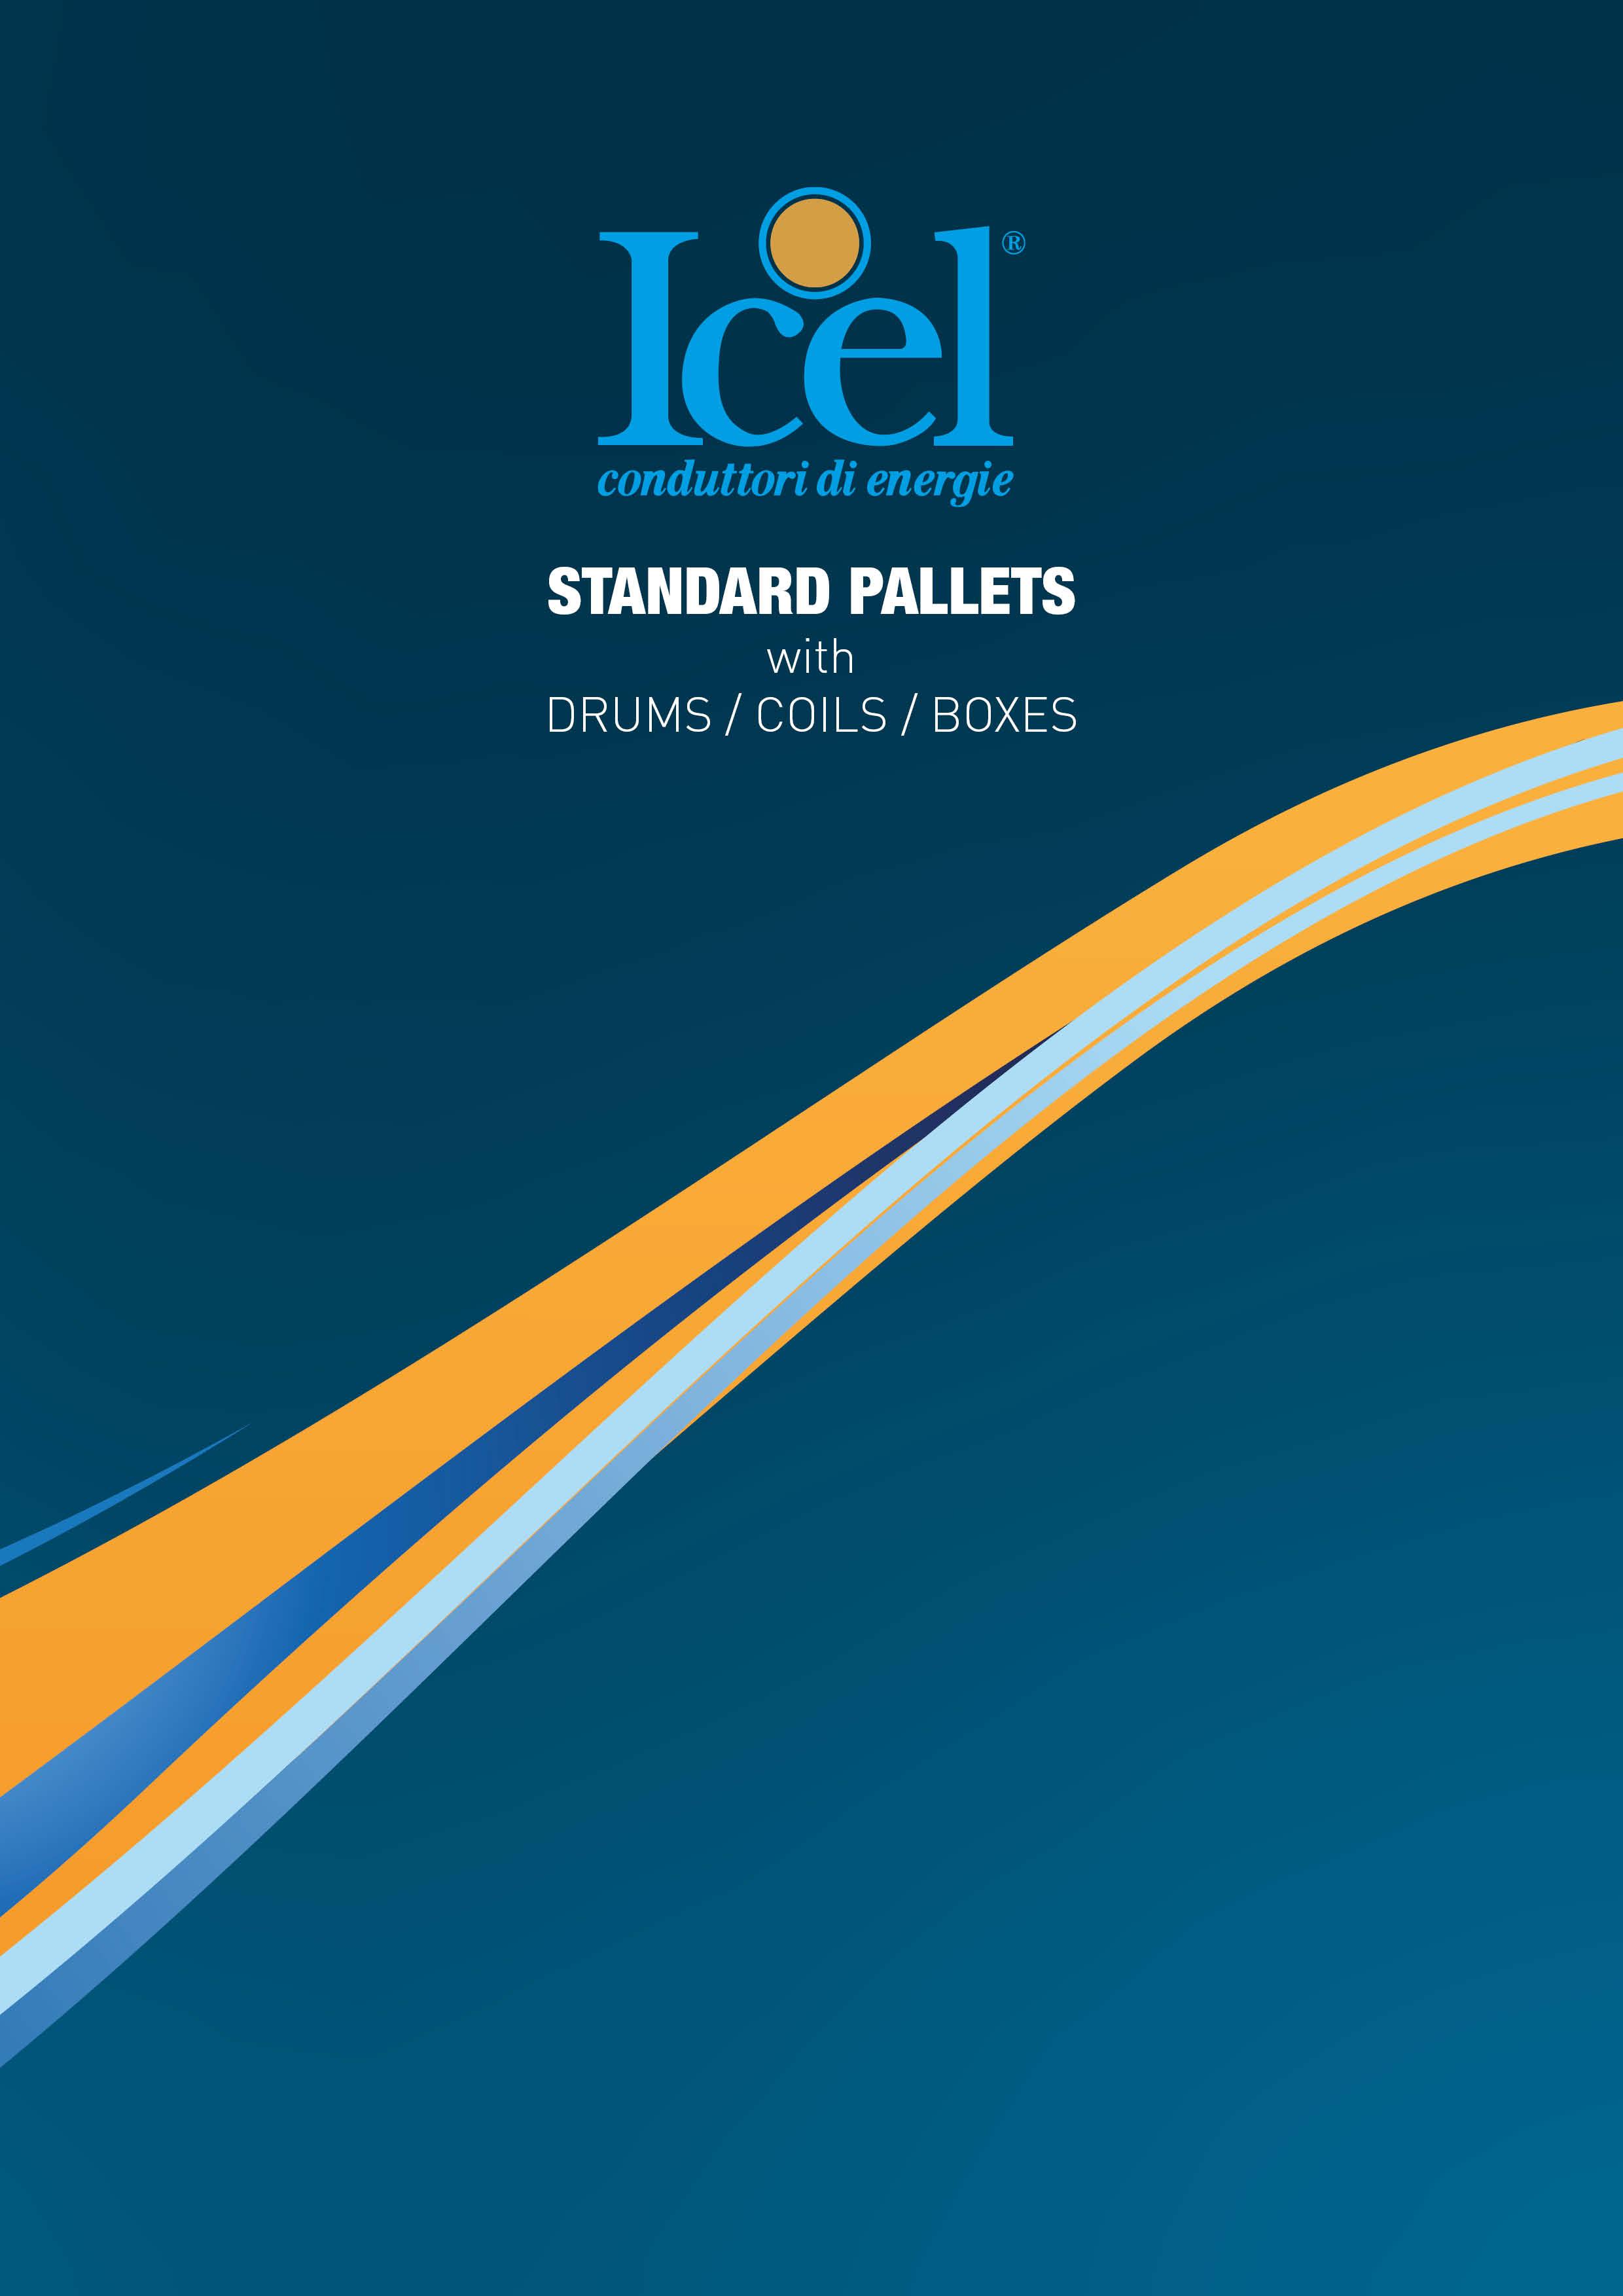 download standard pallet icel (488.2 KB)